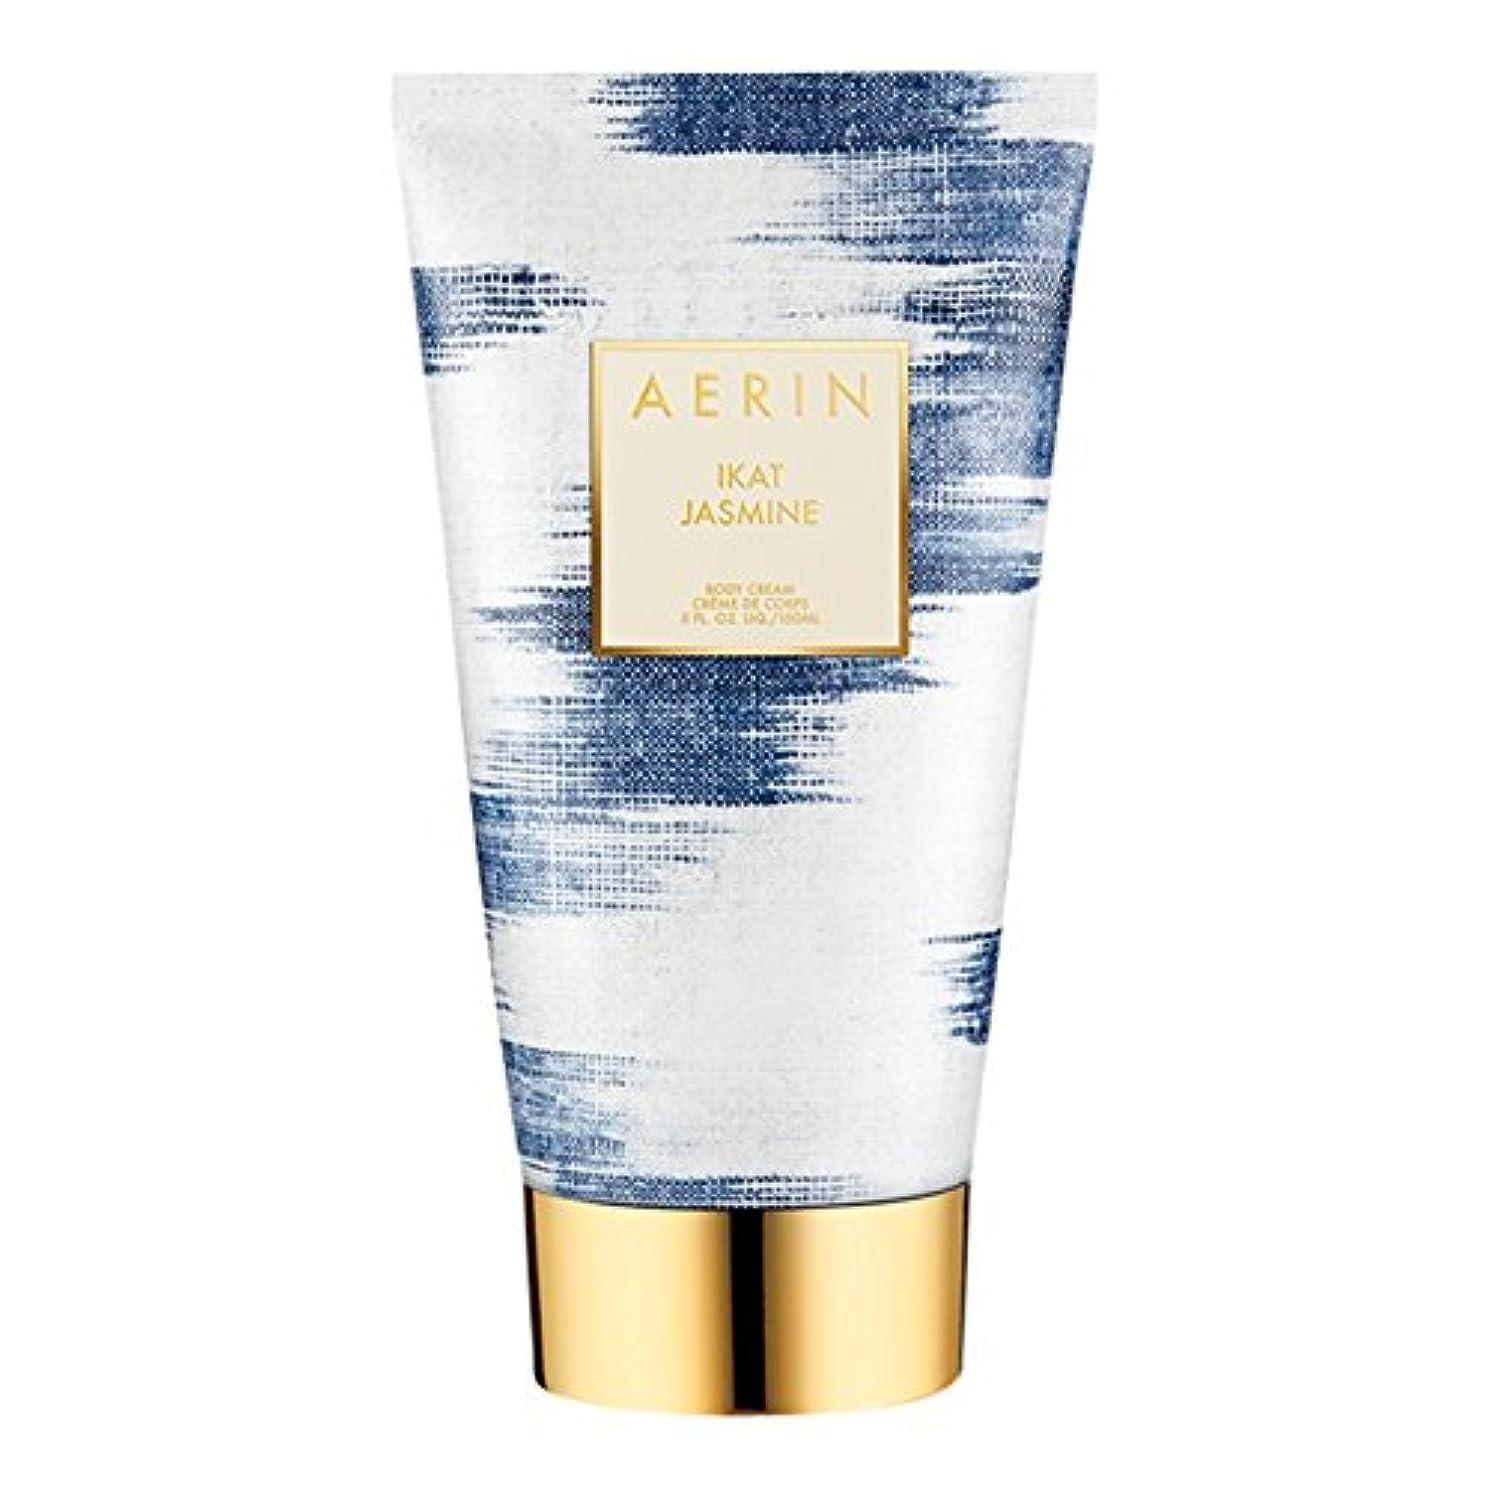 空港柔らかさ鉄Aerinイカットジャスミンボディクリーム150ミリリットル (AERIN) (x2) - AERIN Ikat Jasmine Body Cream 150ml (Pack of 2) [並行輸入品]